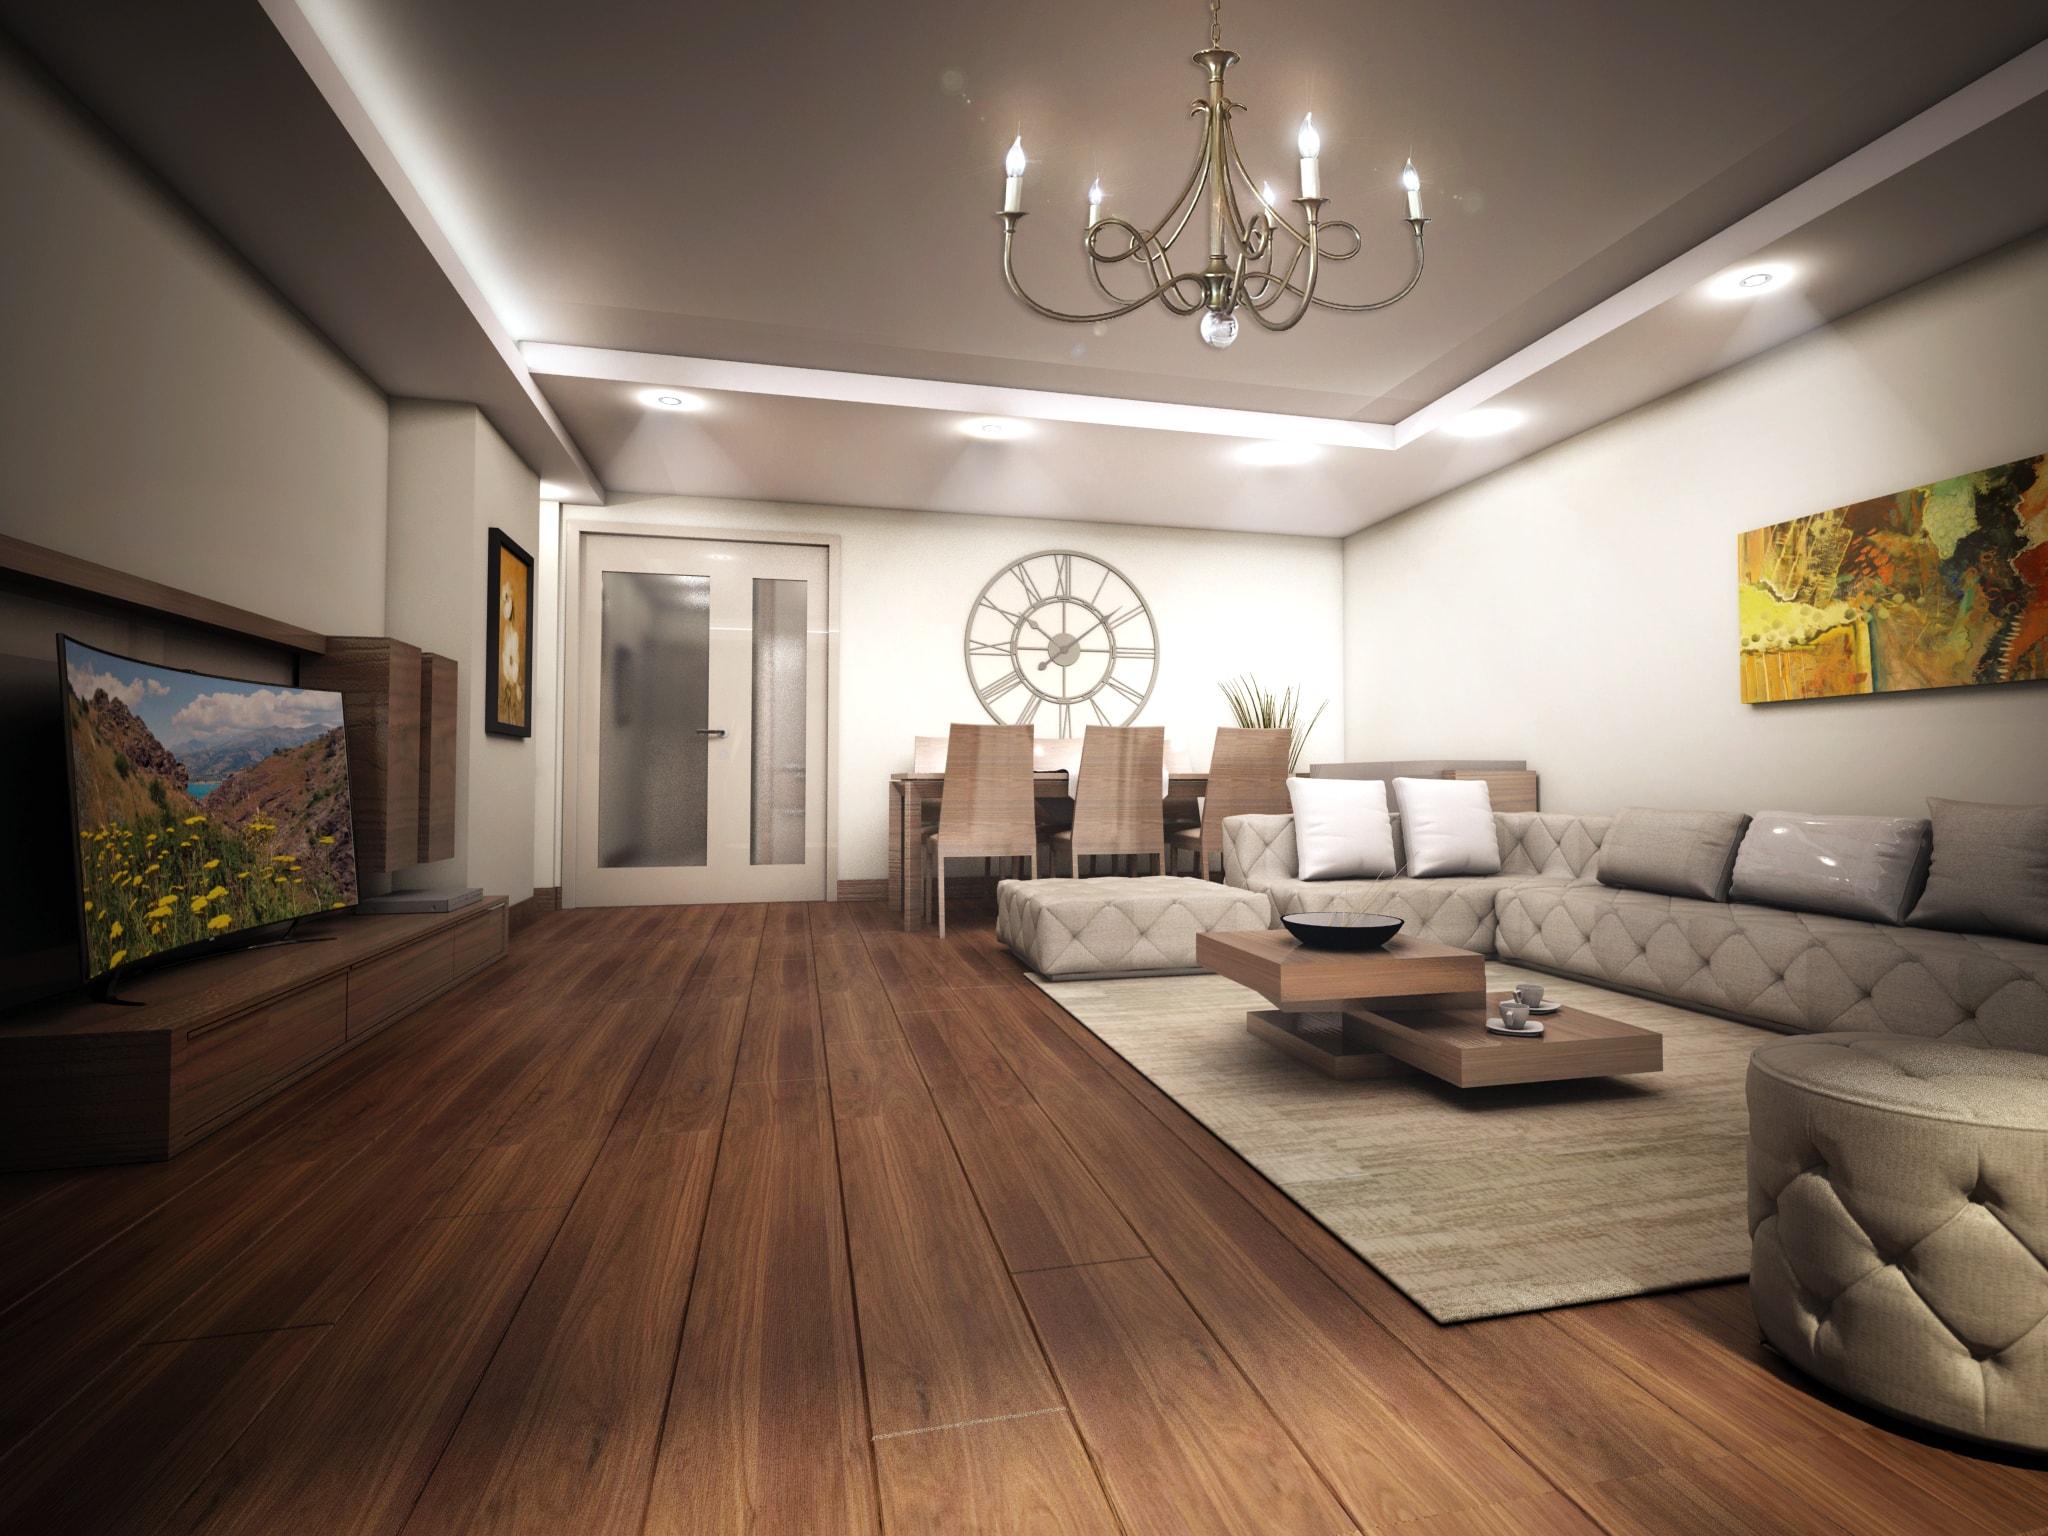 Продаются квартиры в жилом комплексе 3+1 - Фото 17